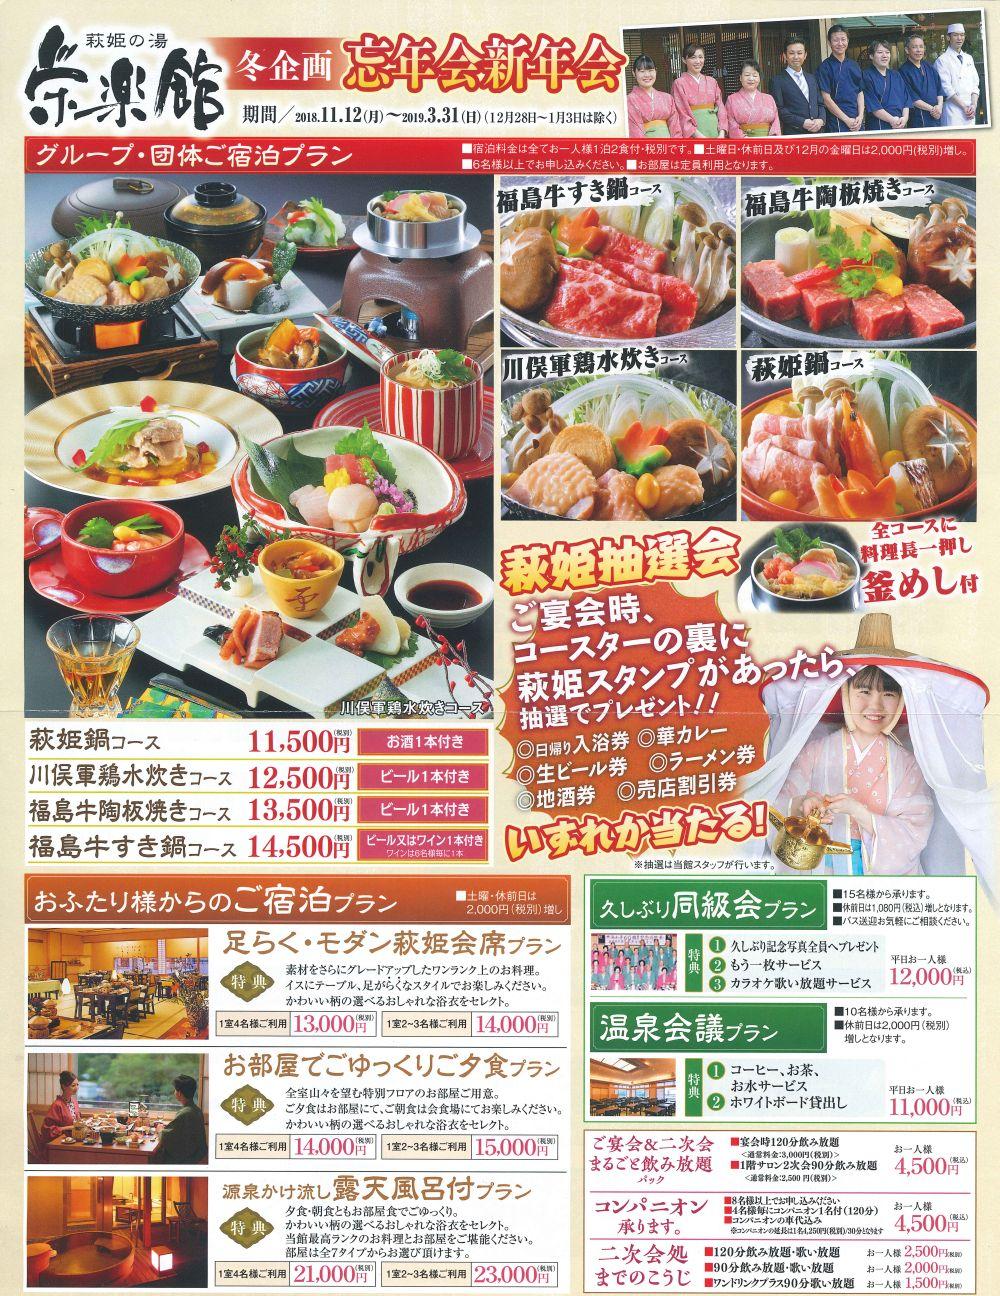 【冬企画】川俣軍鶏水炊きコース